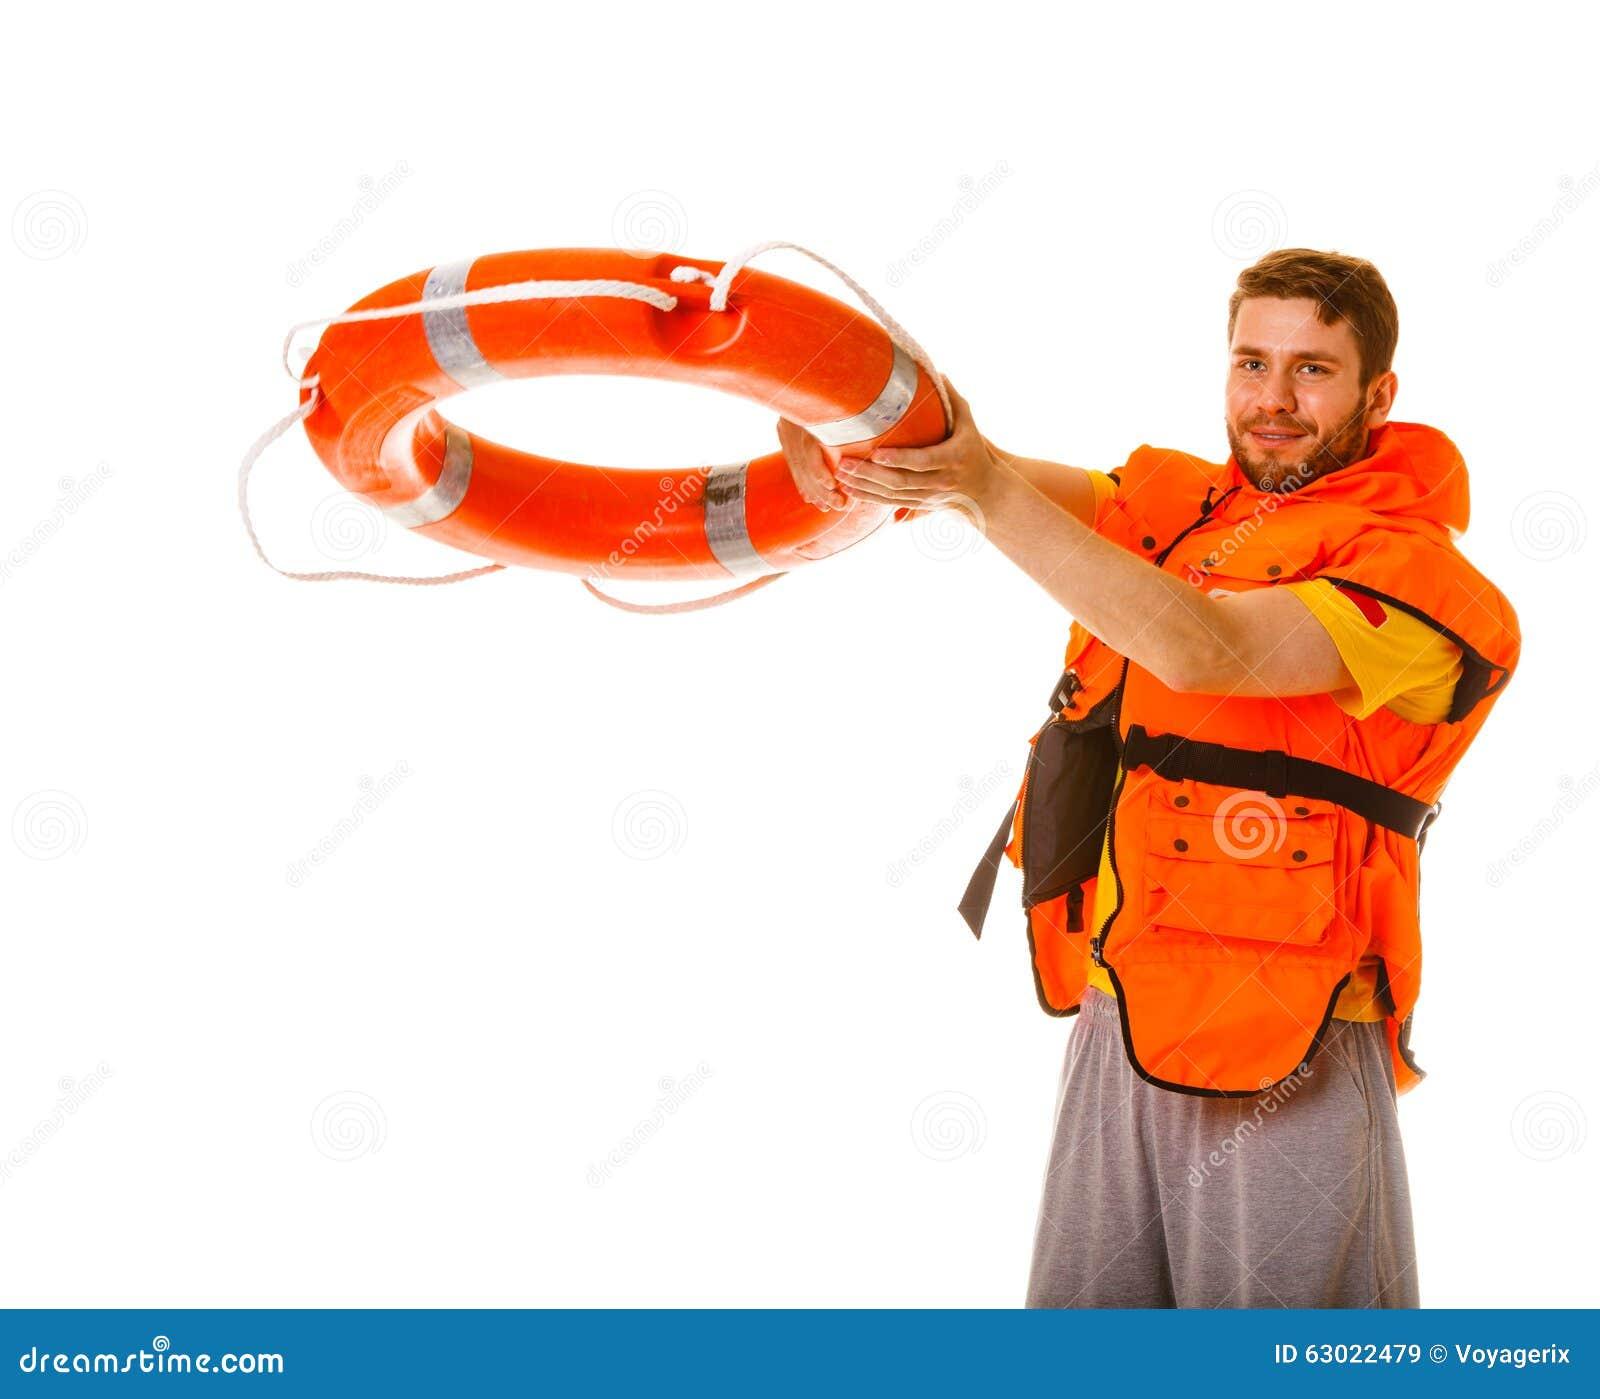 Salva-vidas na veste de vida com o boia salva-vidas da boia de anel